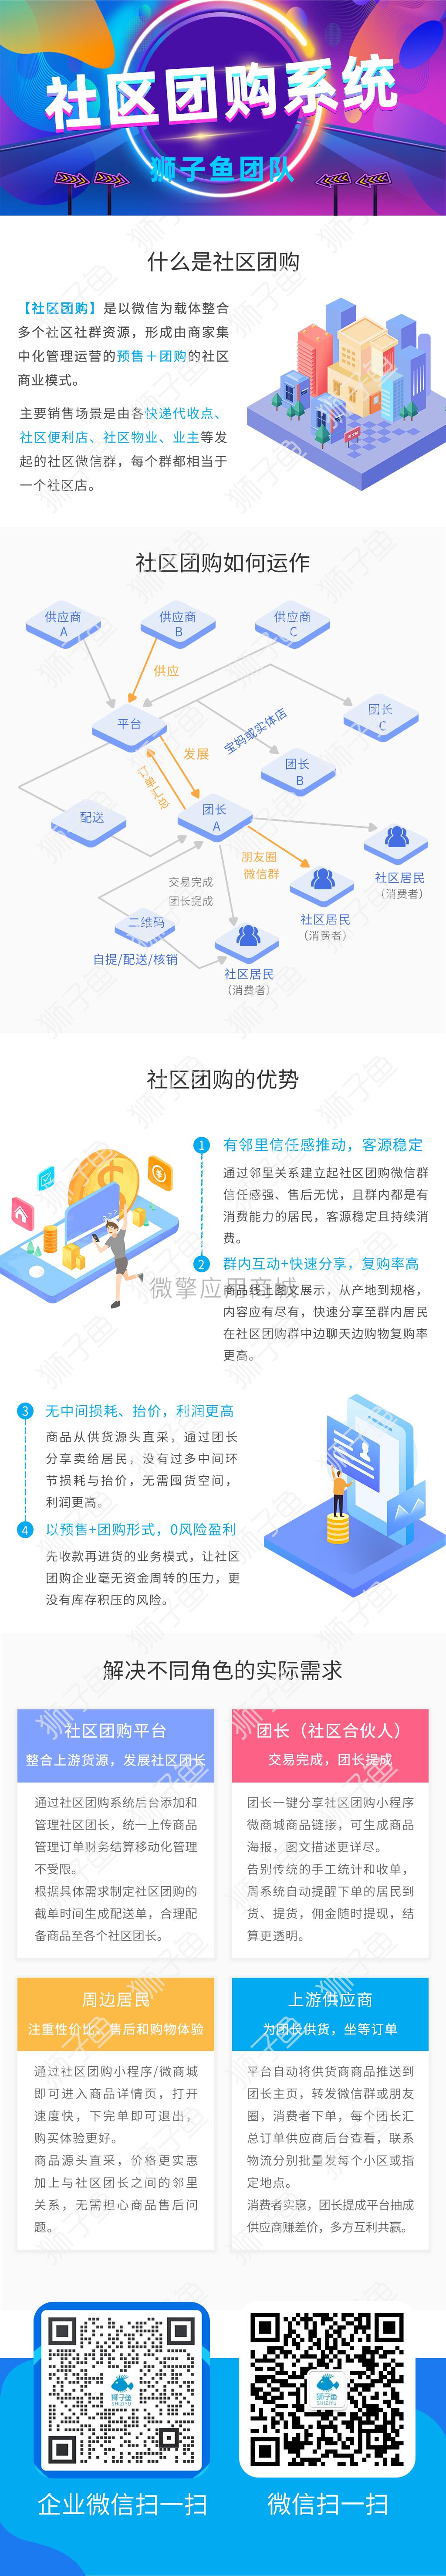 社区团购 V15.7.1 商业版独立版去后门